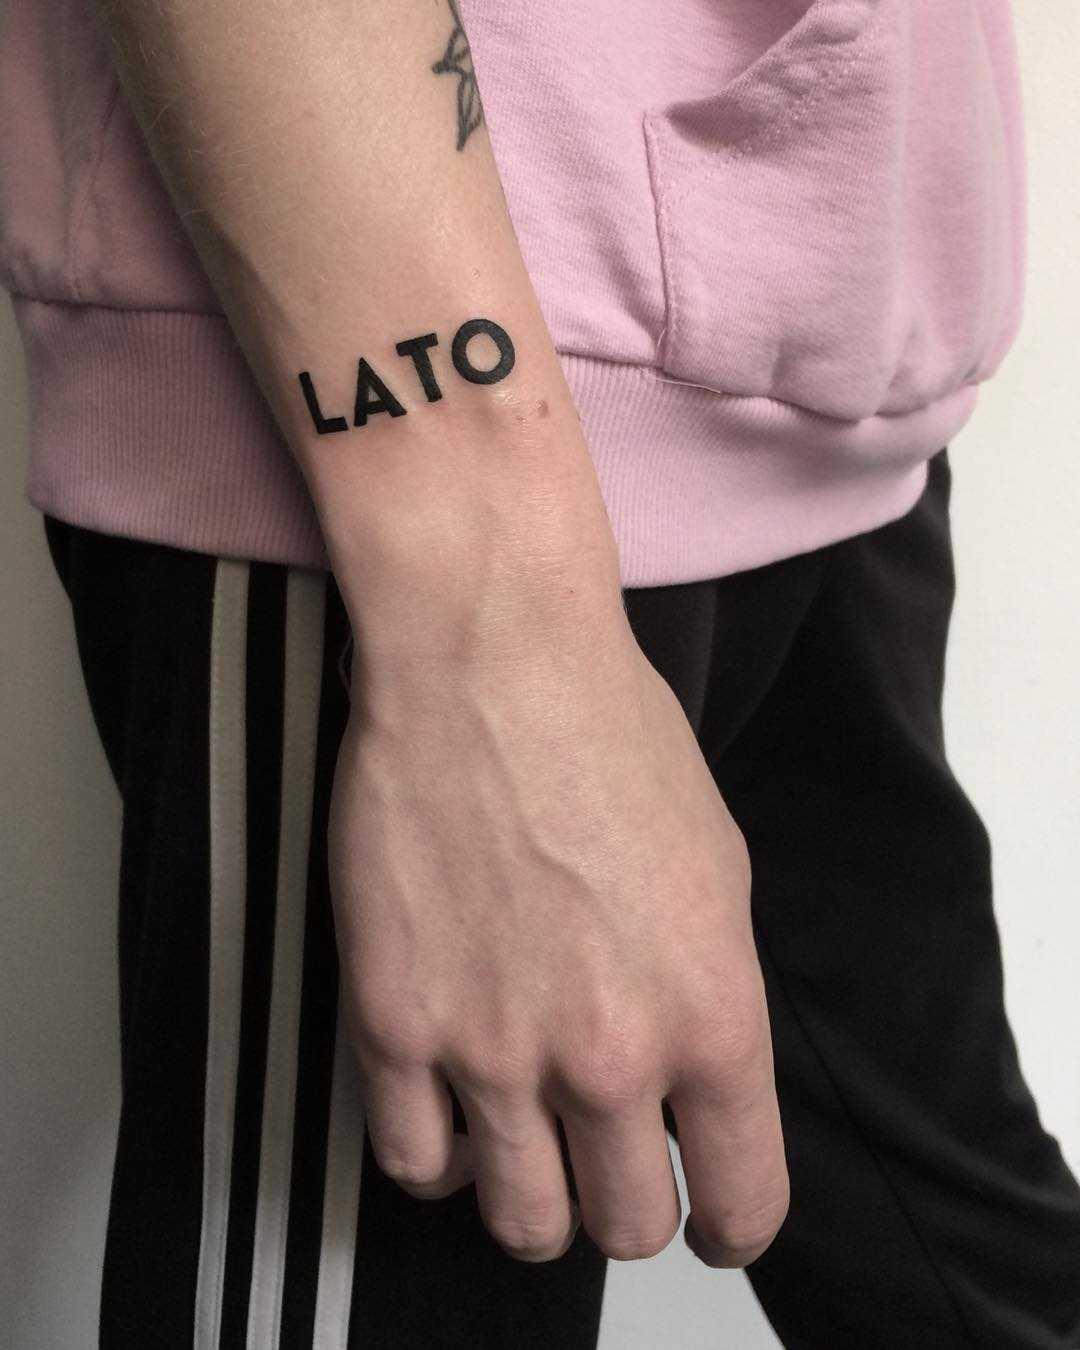 Lato tattoo by @skrzyniarz_